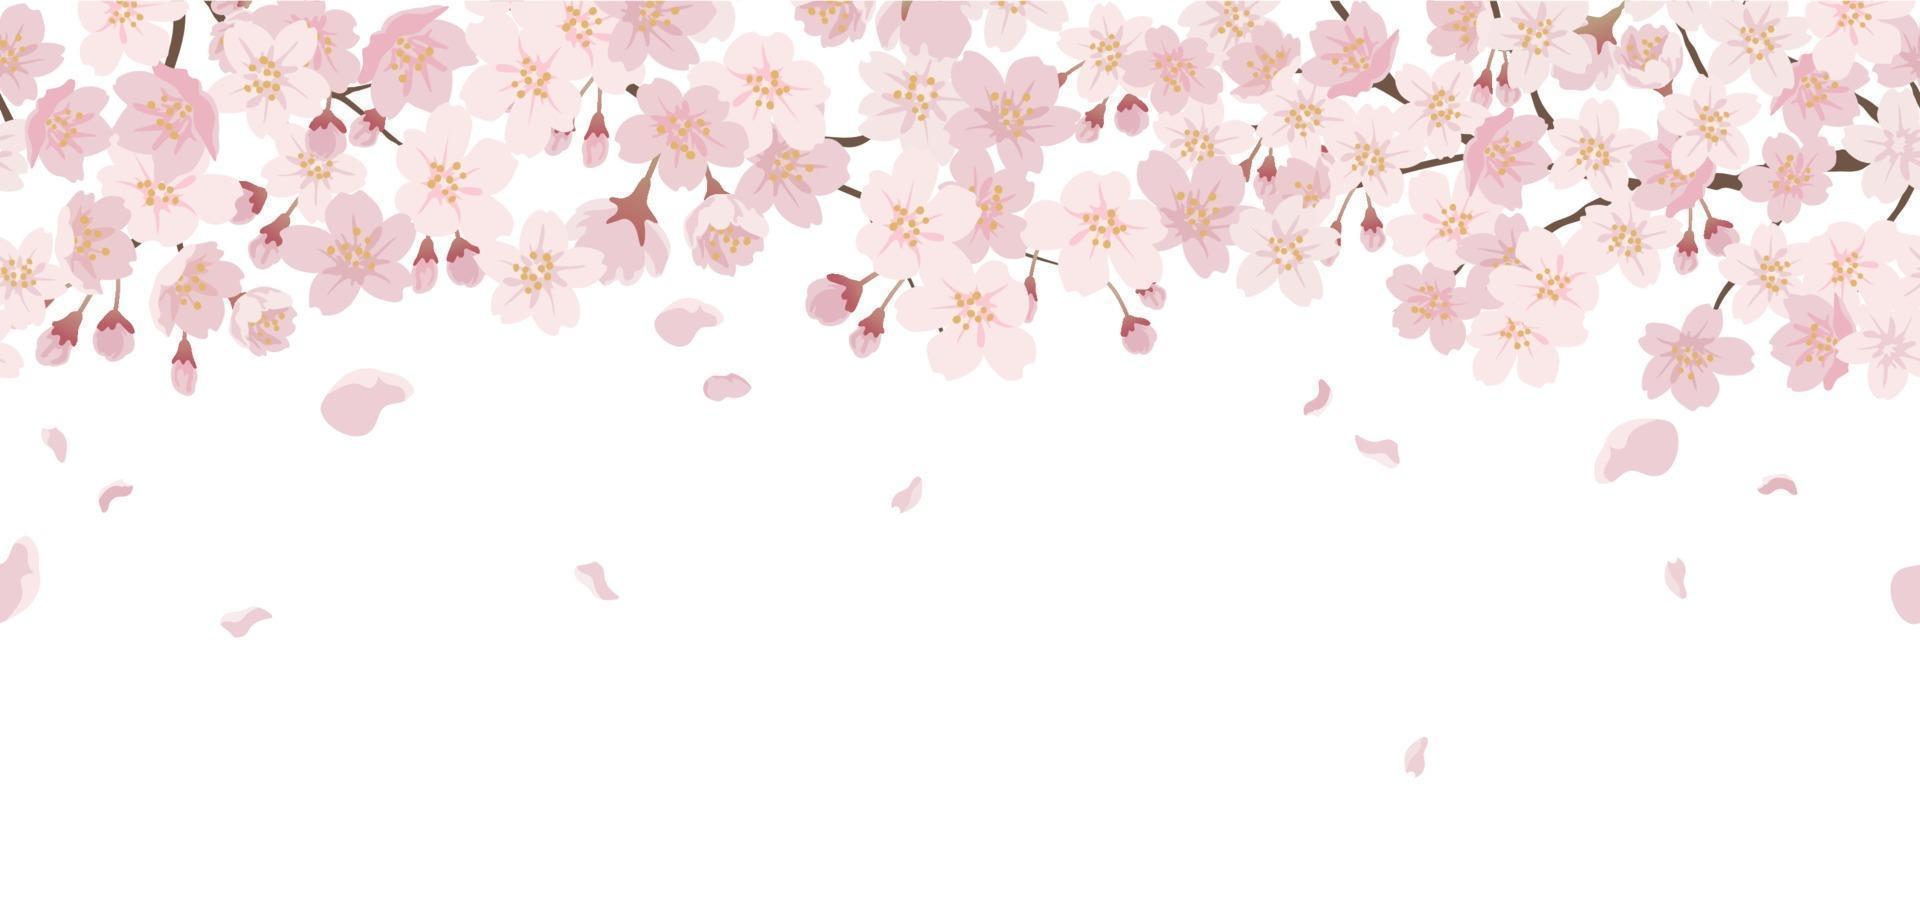 sömlös blommig bakgrund med körsbärsblommor i full blom isolerad på en vit bakgrund. kan repeteras horisontellt. vektor